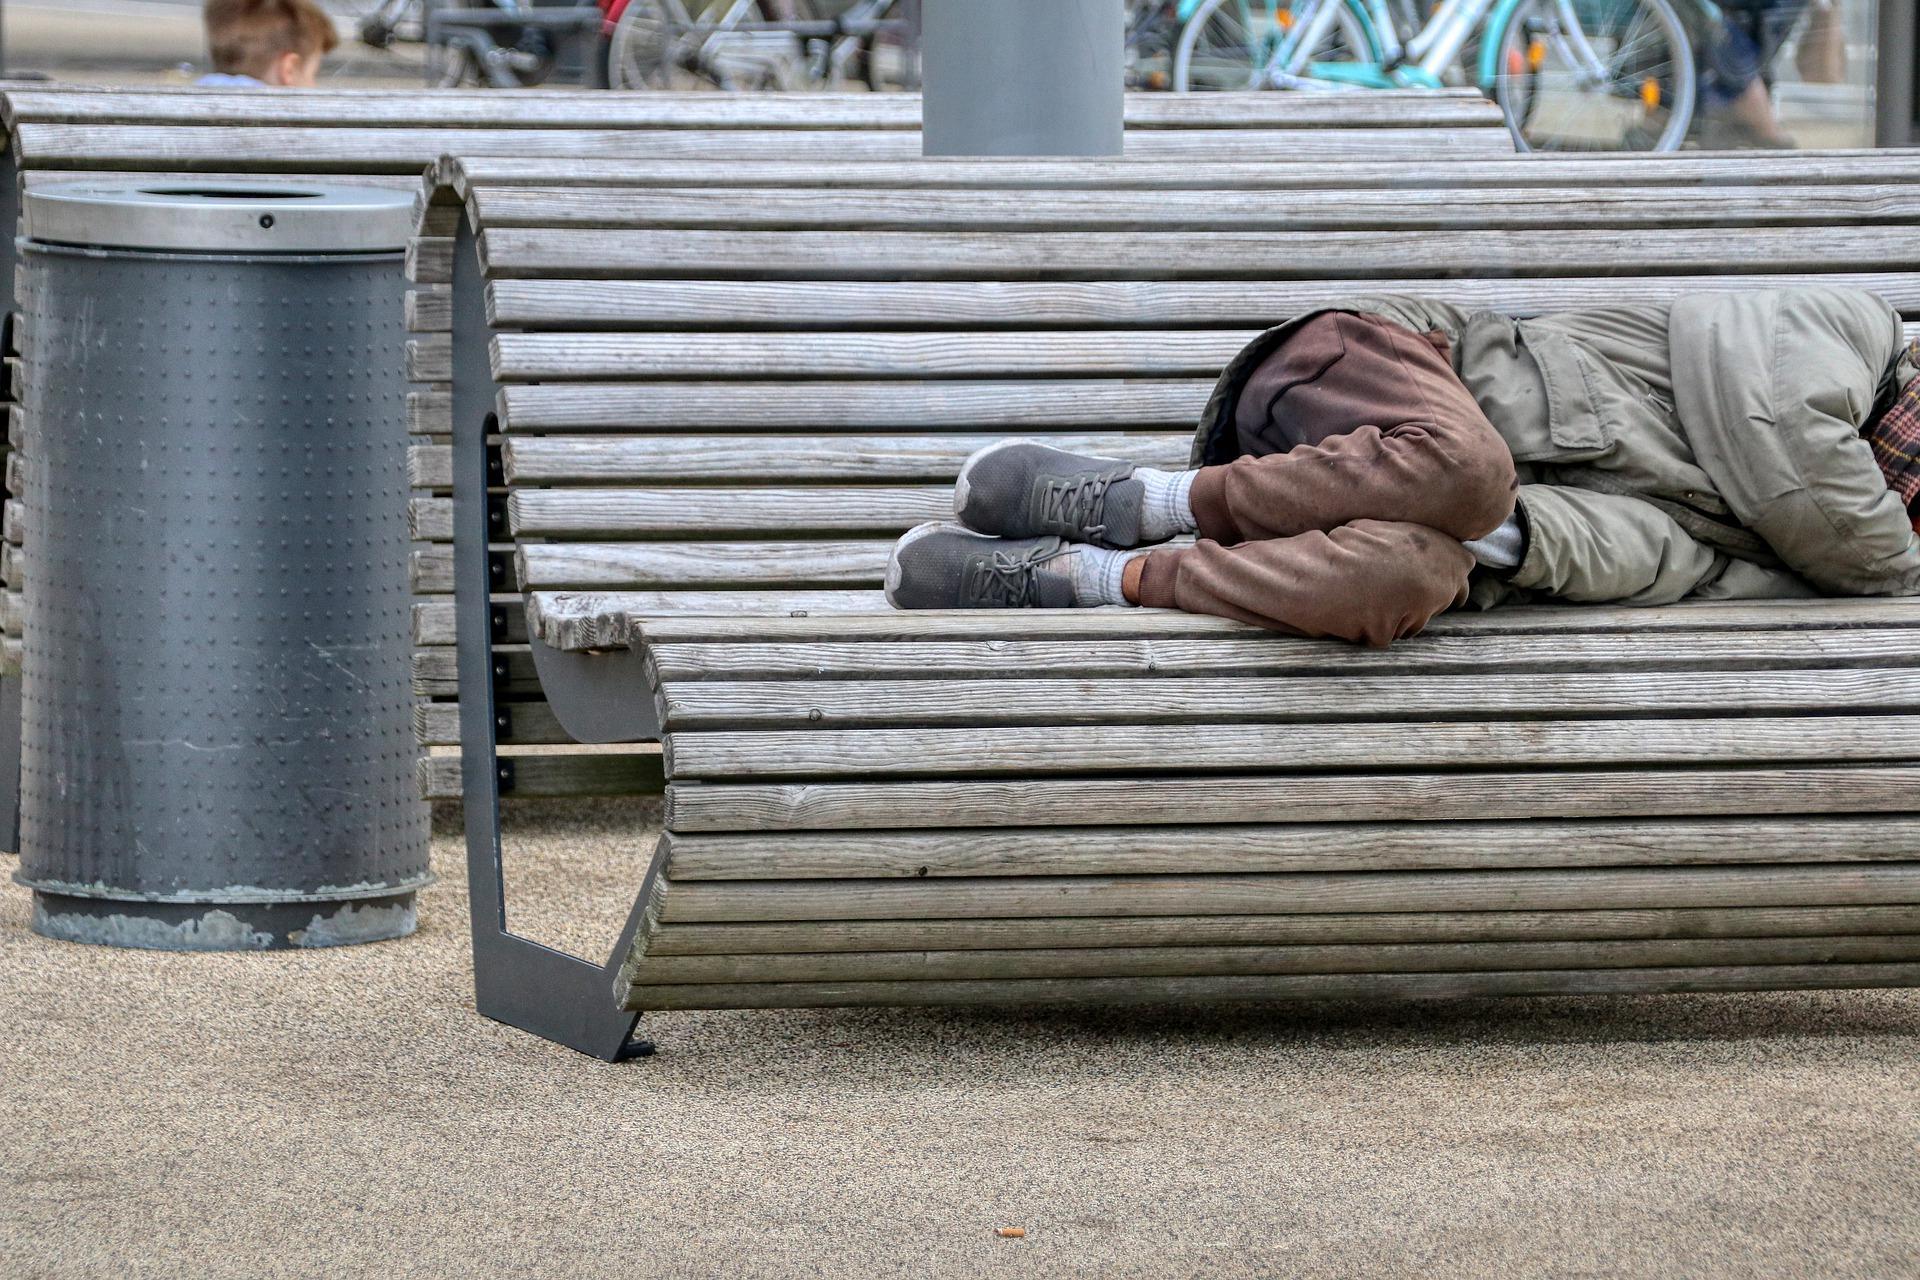 СМИ: Более 20 миллионов снимающих жильё американцев могут оказаться на улице